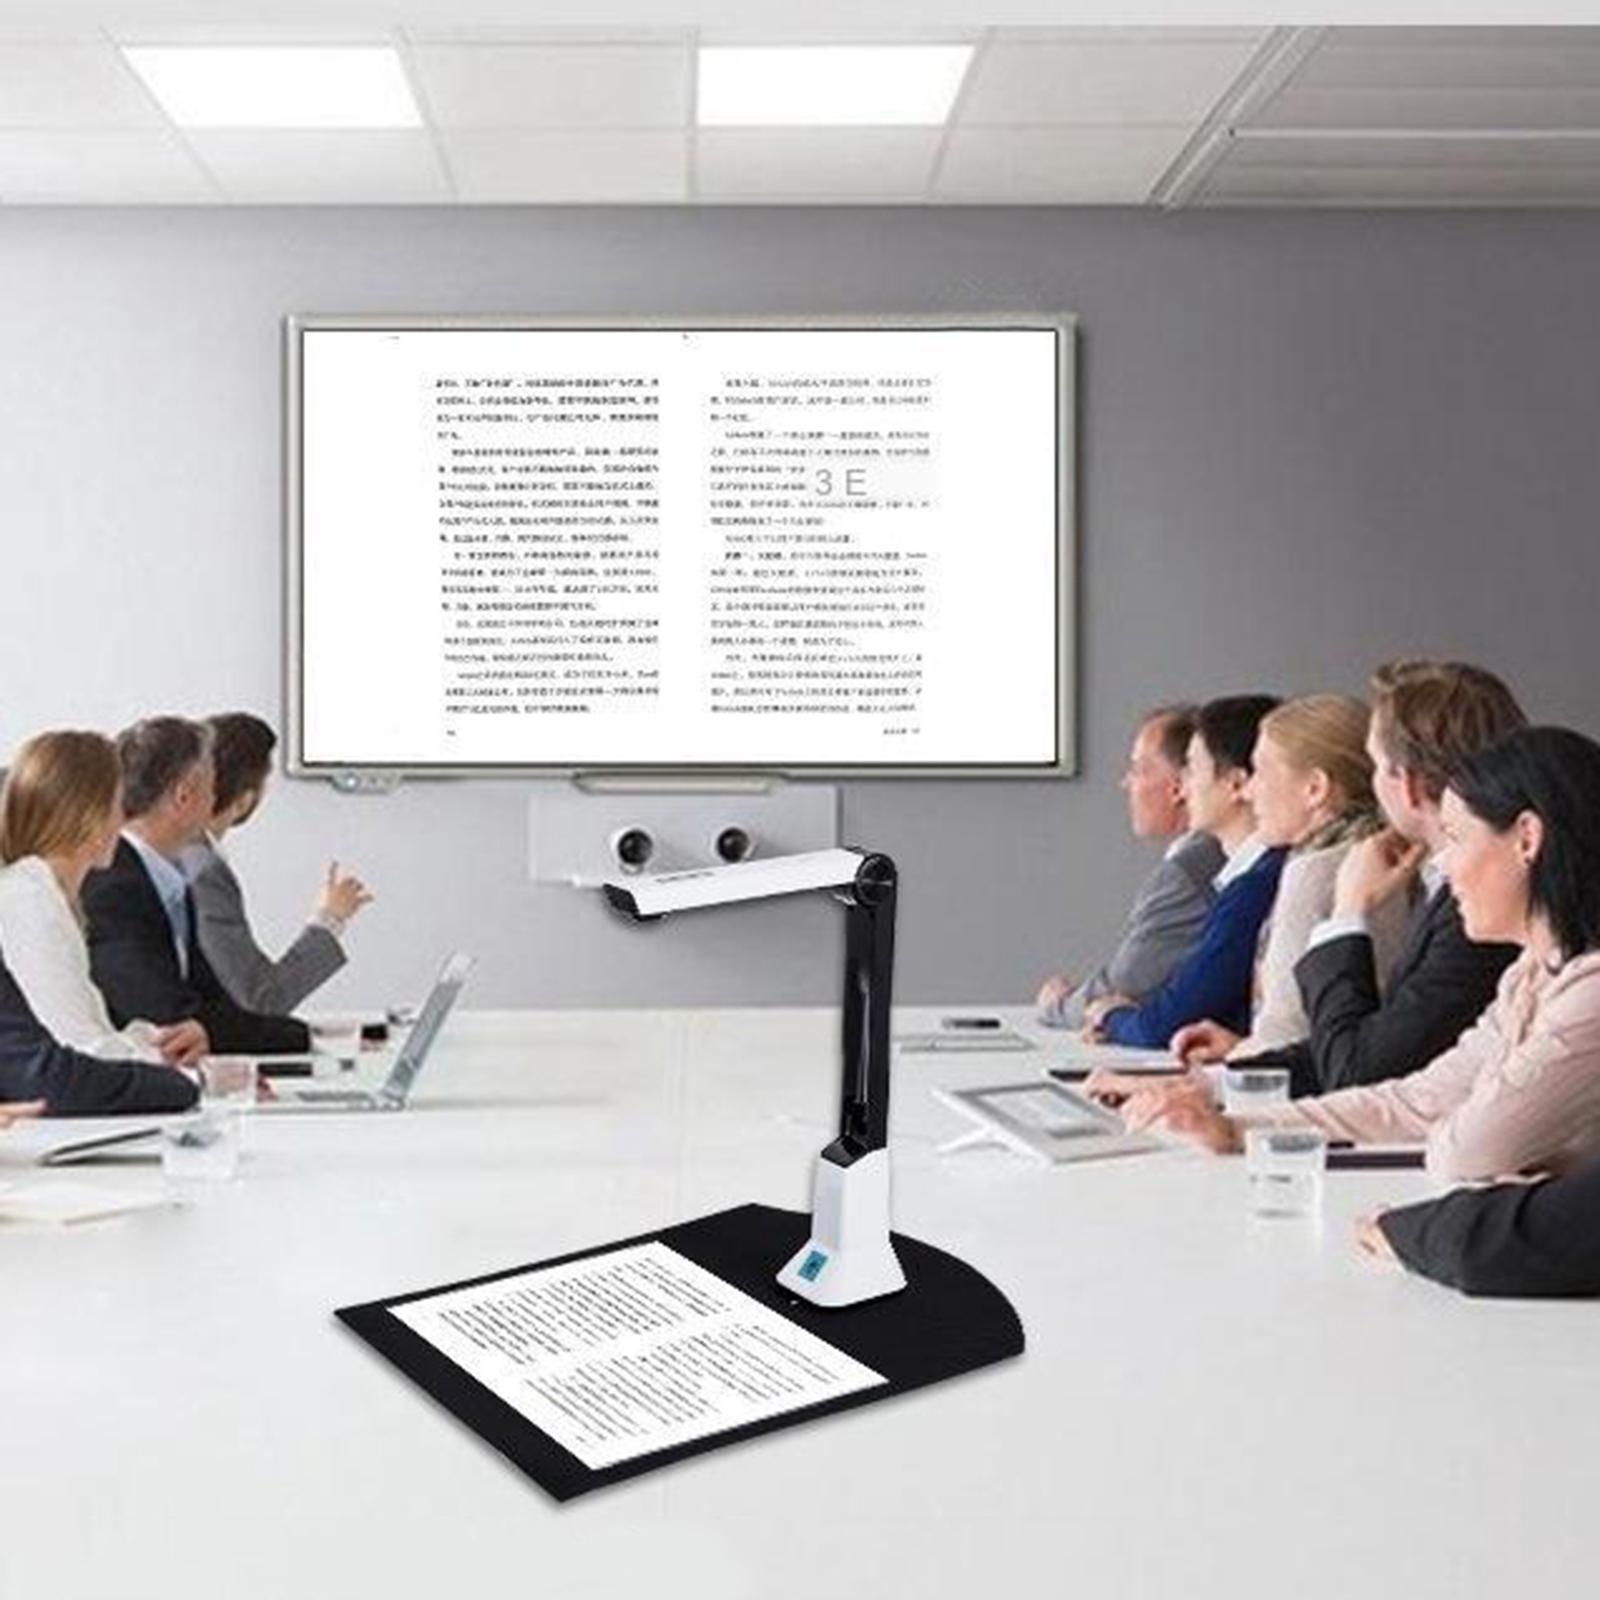 Taşınabilir 8MP USB Belge Kamera A4 Biçimlendirici Tarayıcı, Yazılım Yedi Dili Destekler